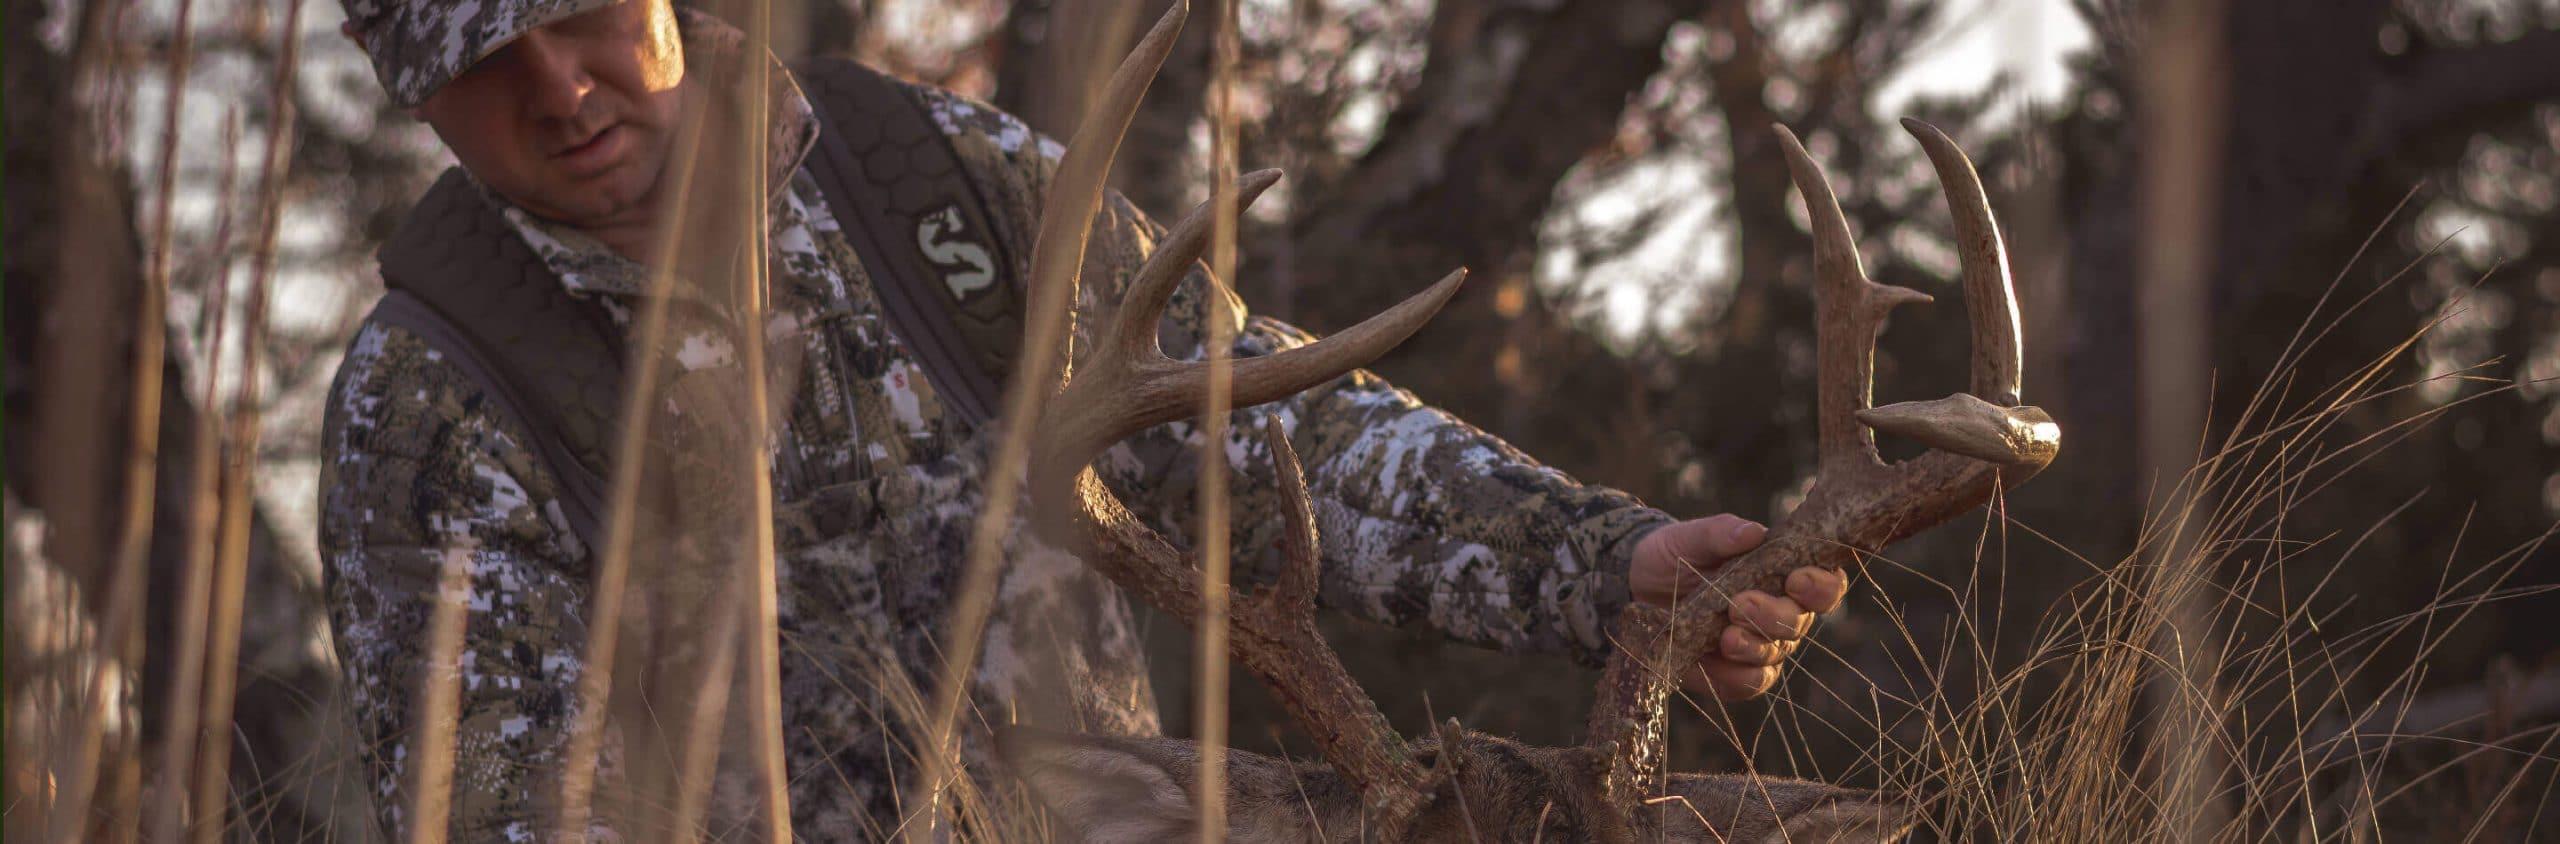 Man dressed in camo holding deer antlers